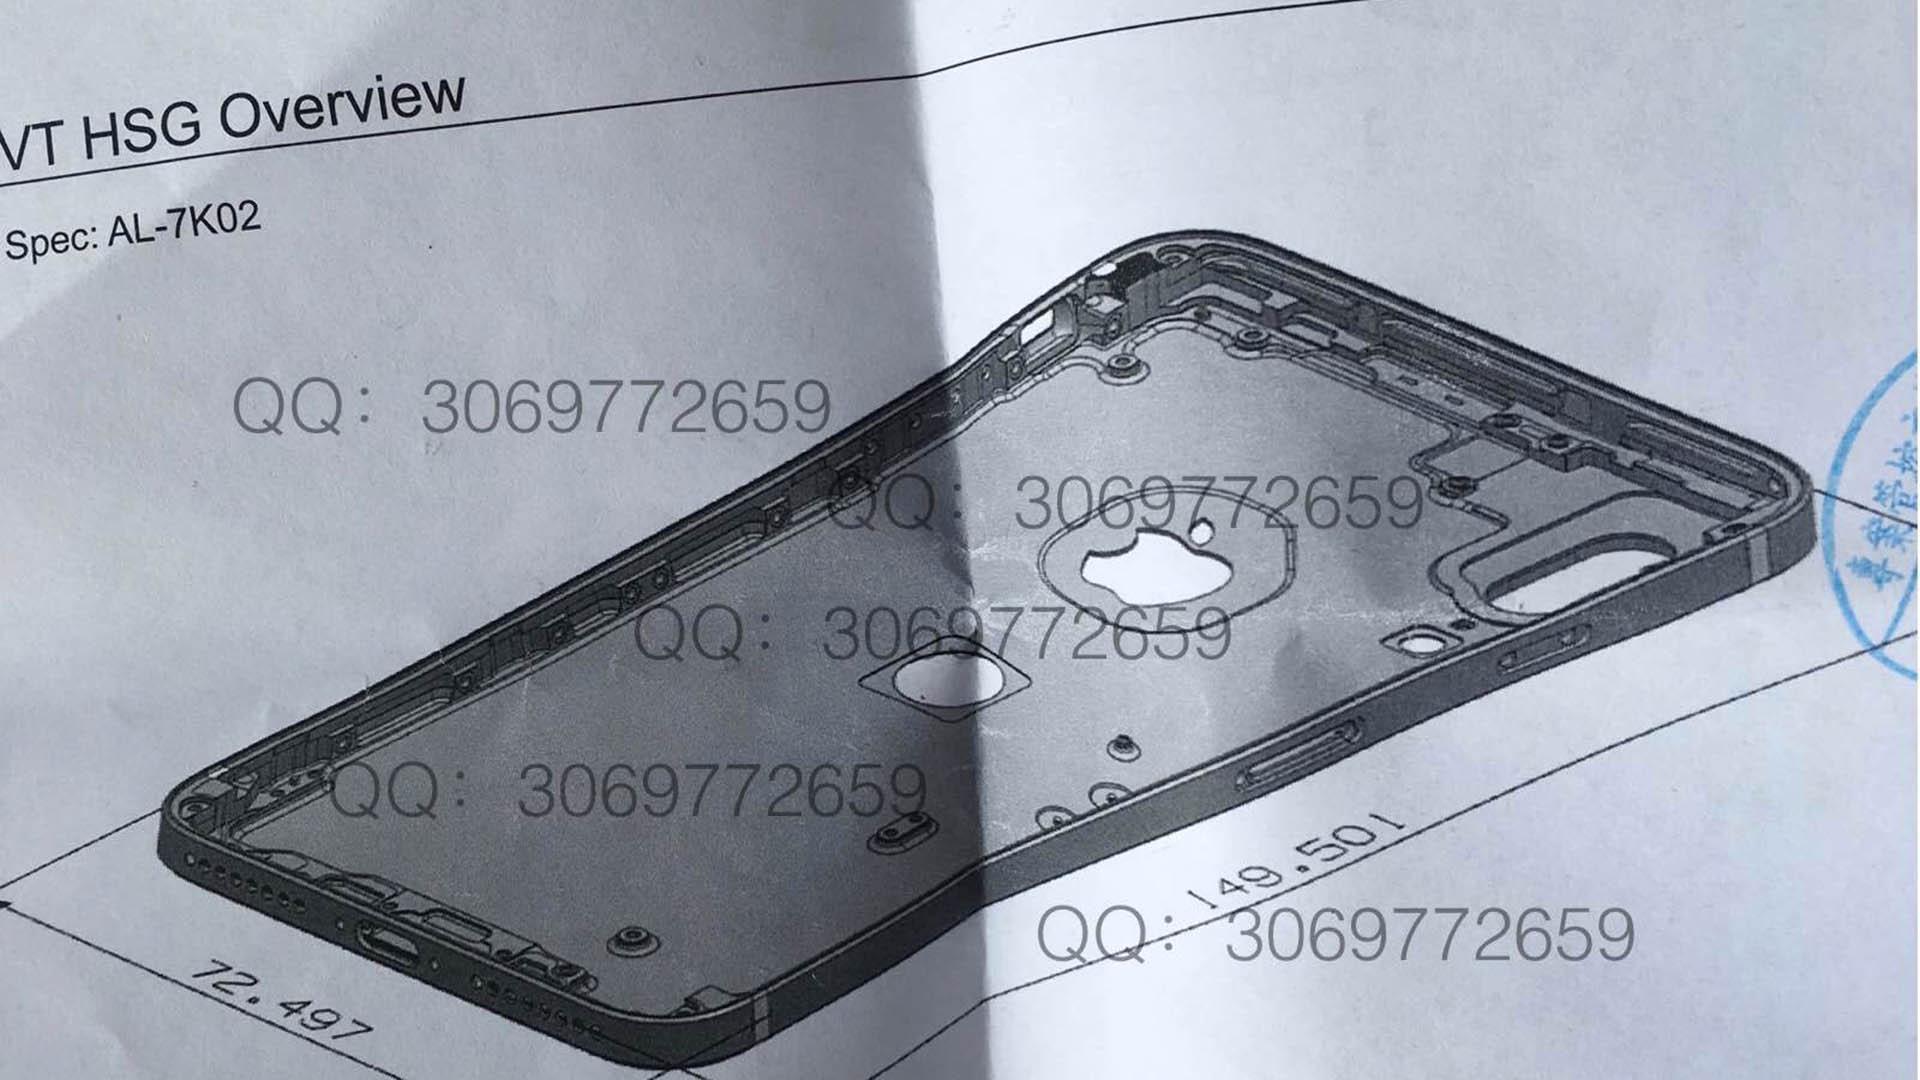 El nuevo teléfono tendría USB tipo C y dos cámaras posteriores, como el iPhone 7 Plus